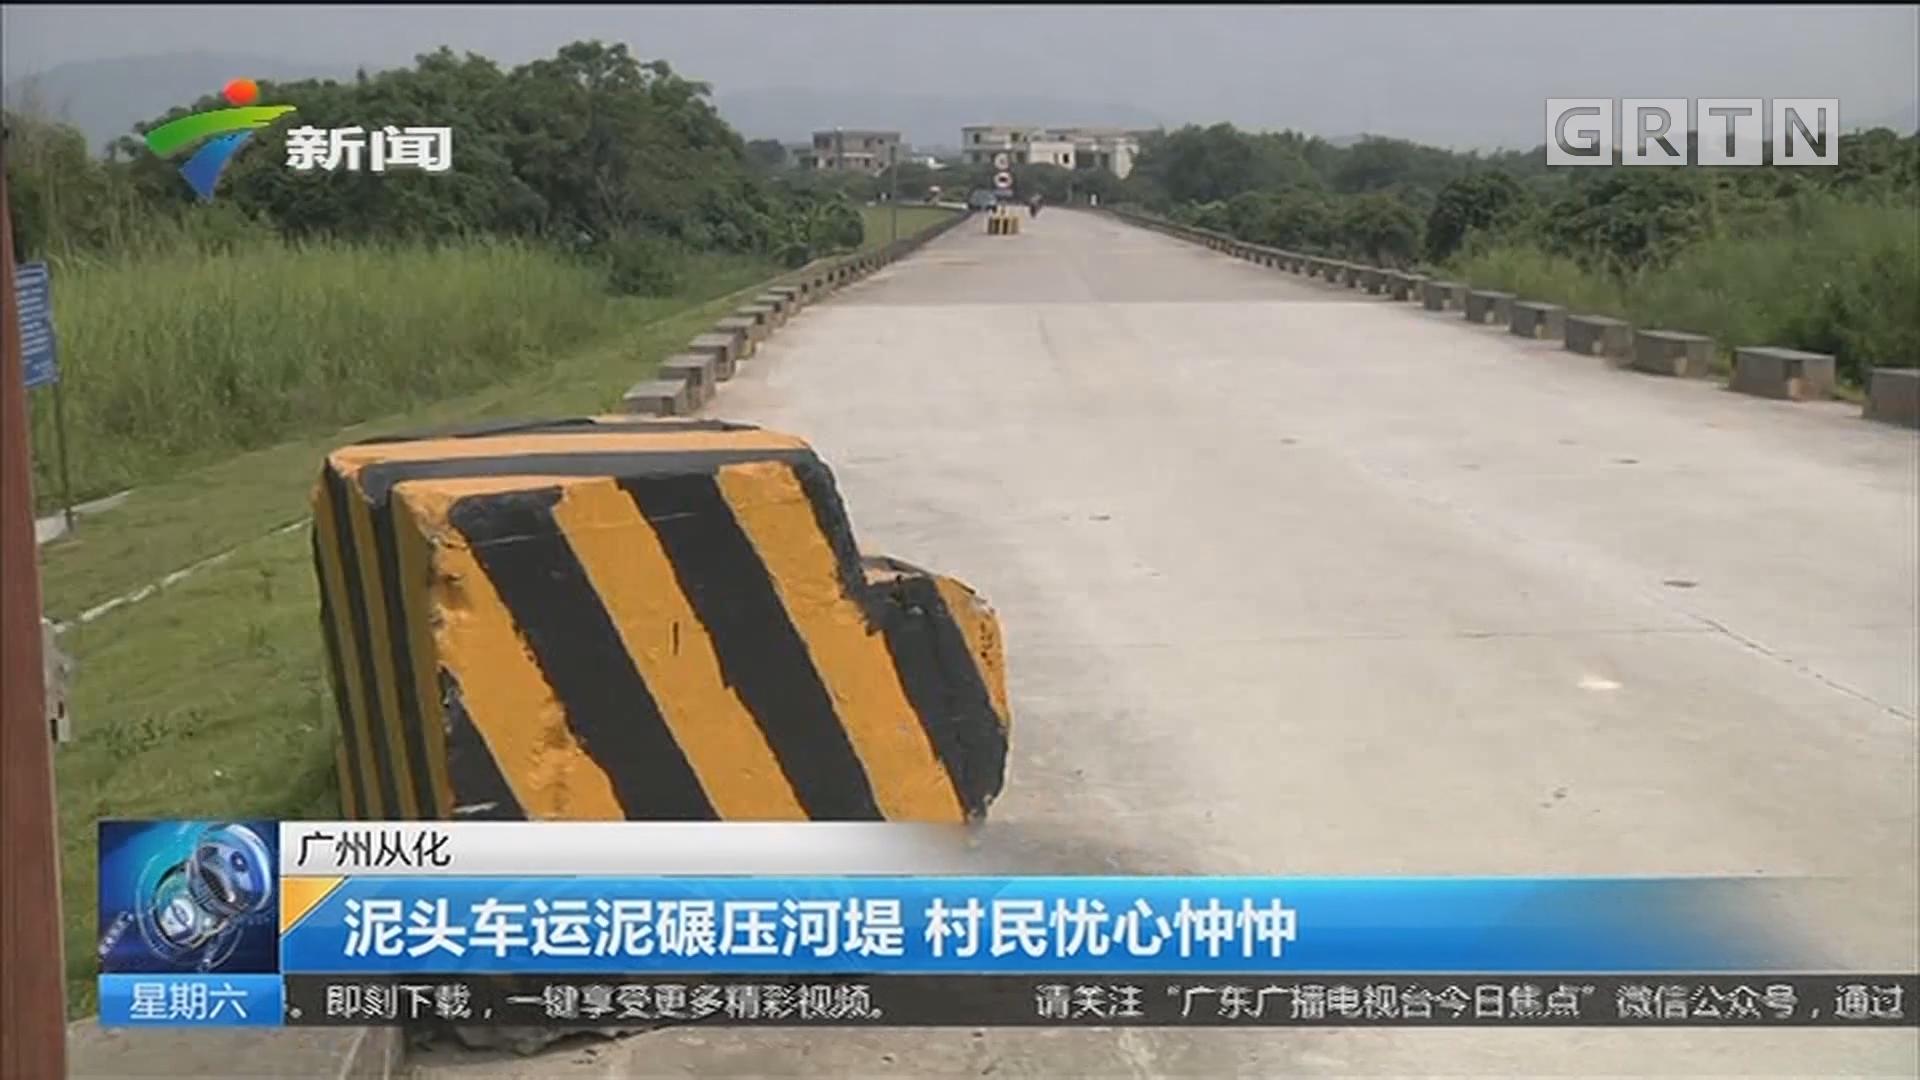 广州从化 泥头车运泥碾压河堤 村民忧心忡忡